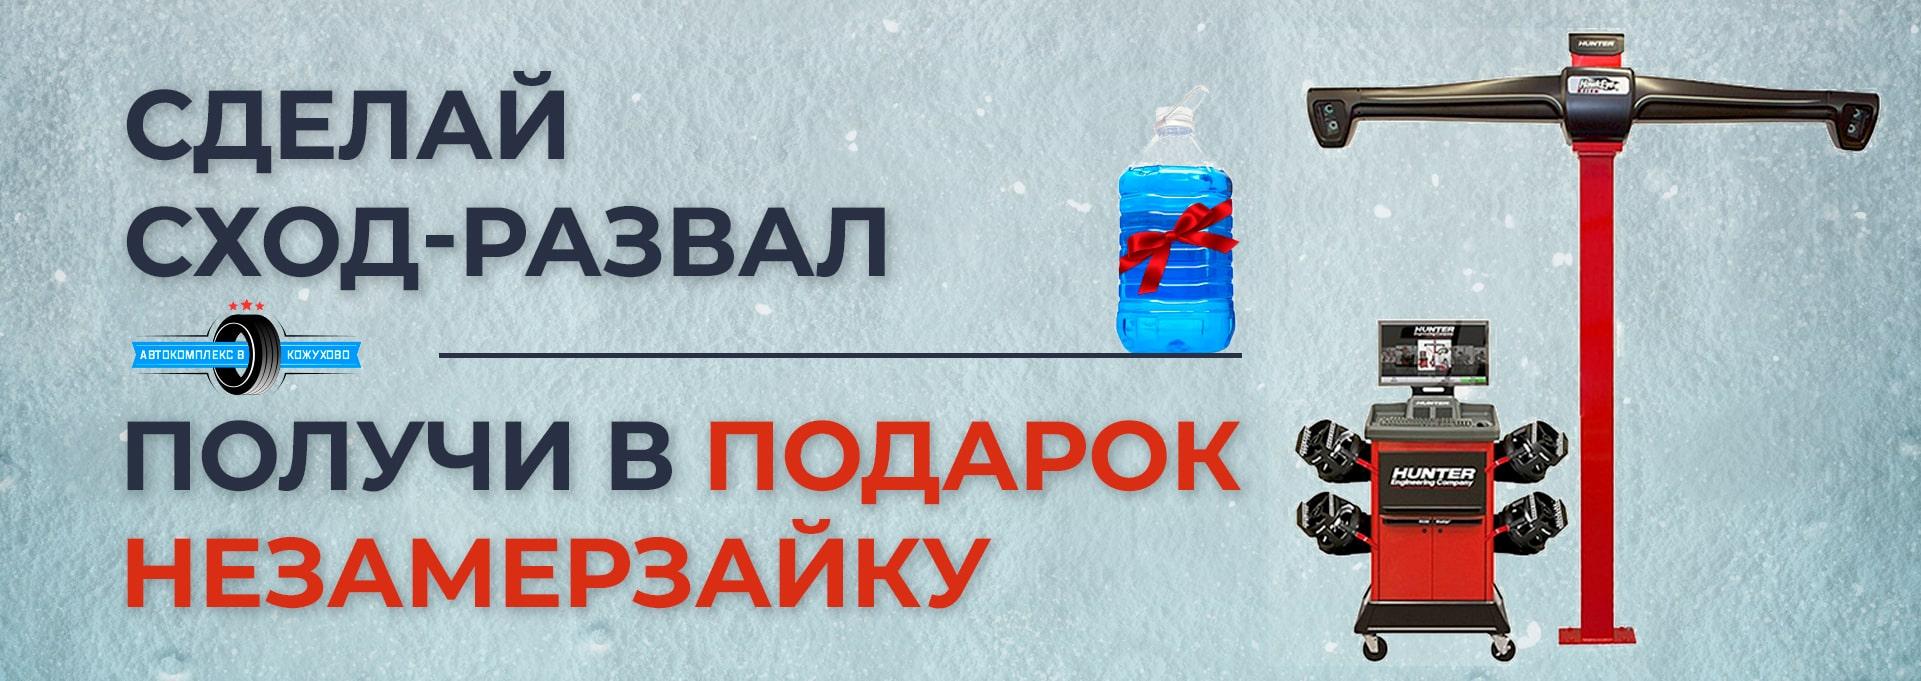 Сделай сход развал и получи незамерзайку в подарок   Автокомплекс Кожухово Новокосино